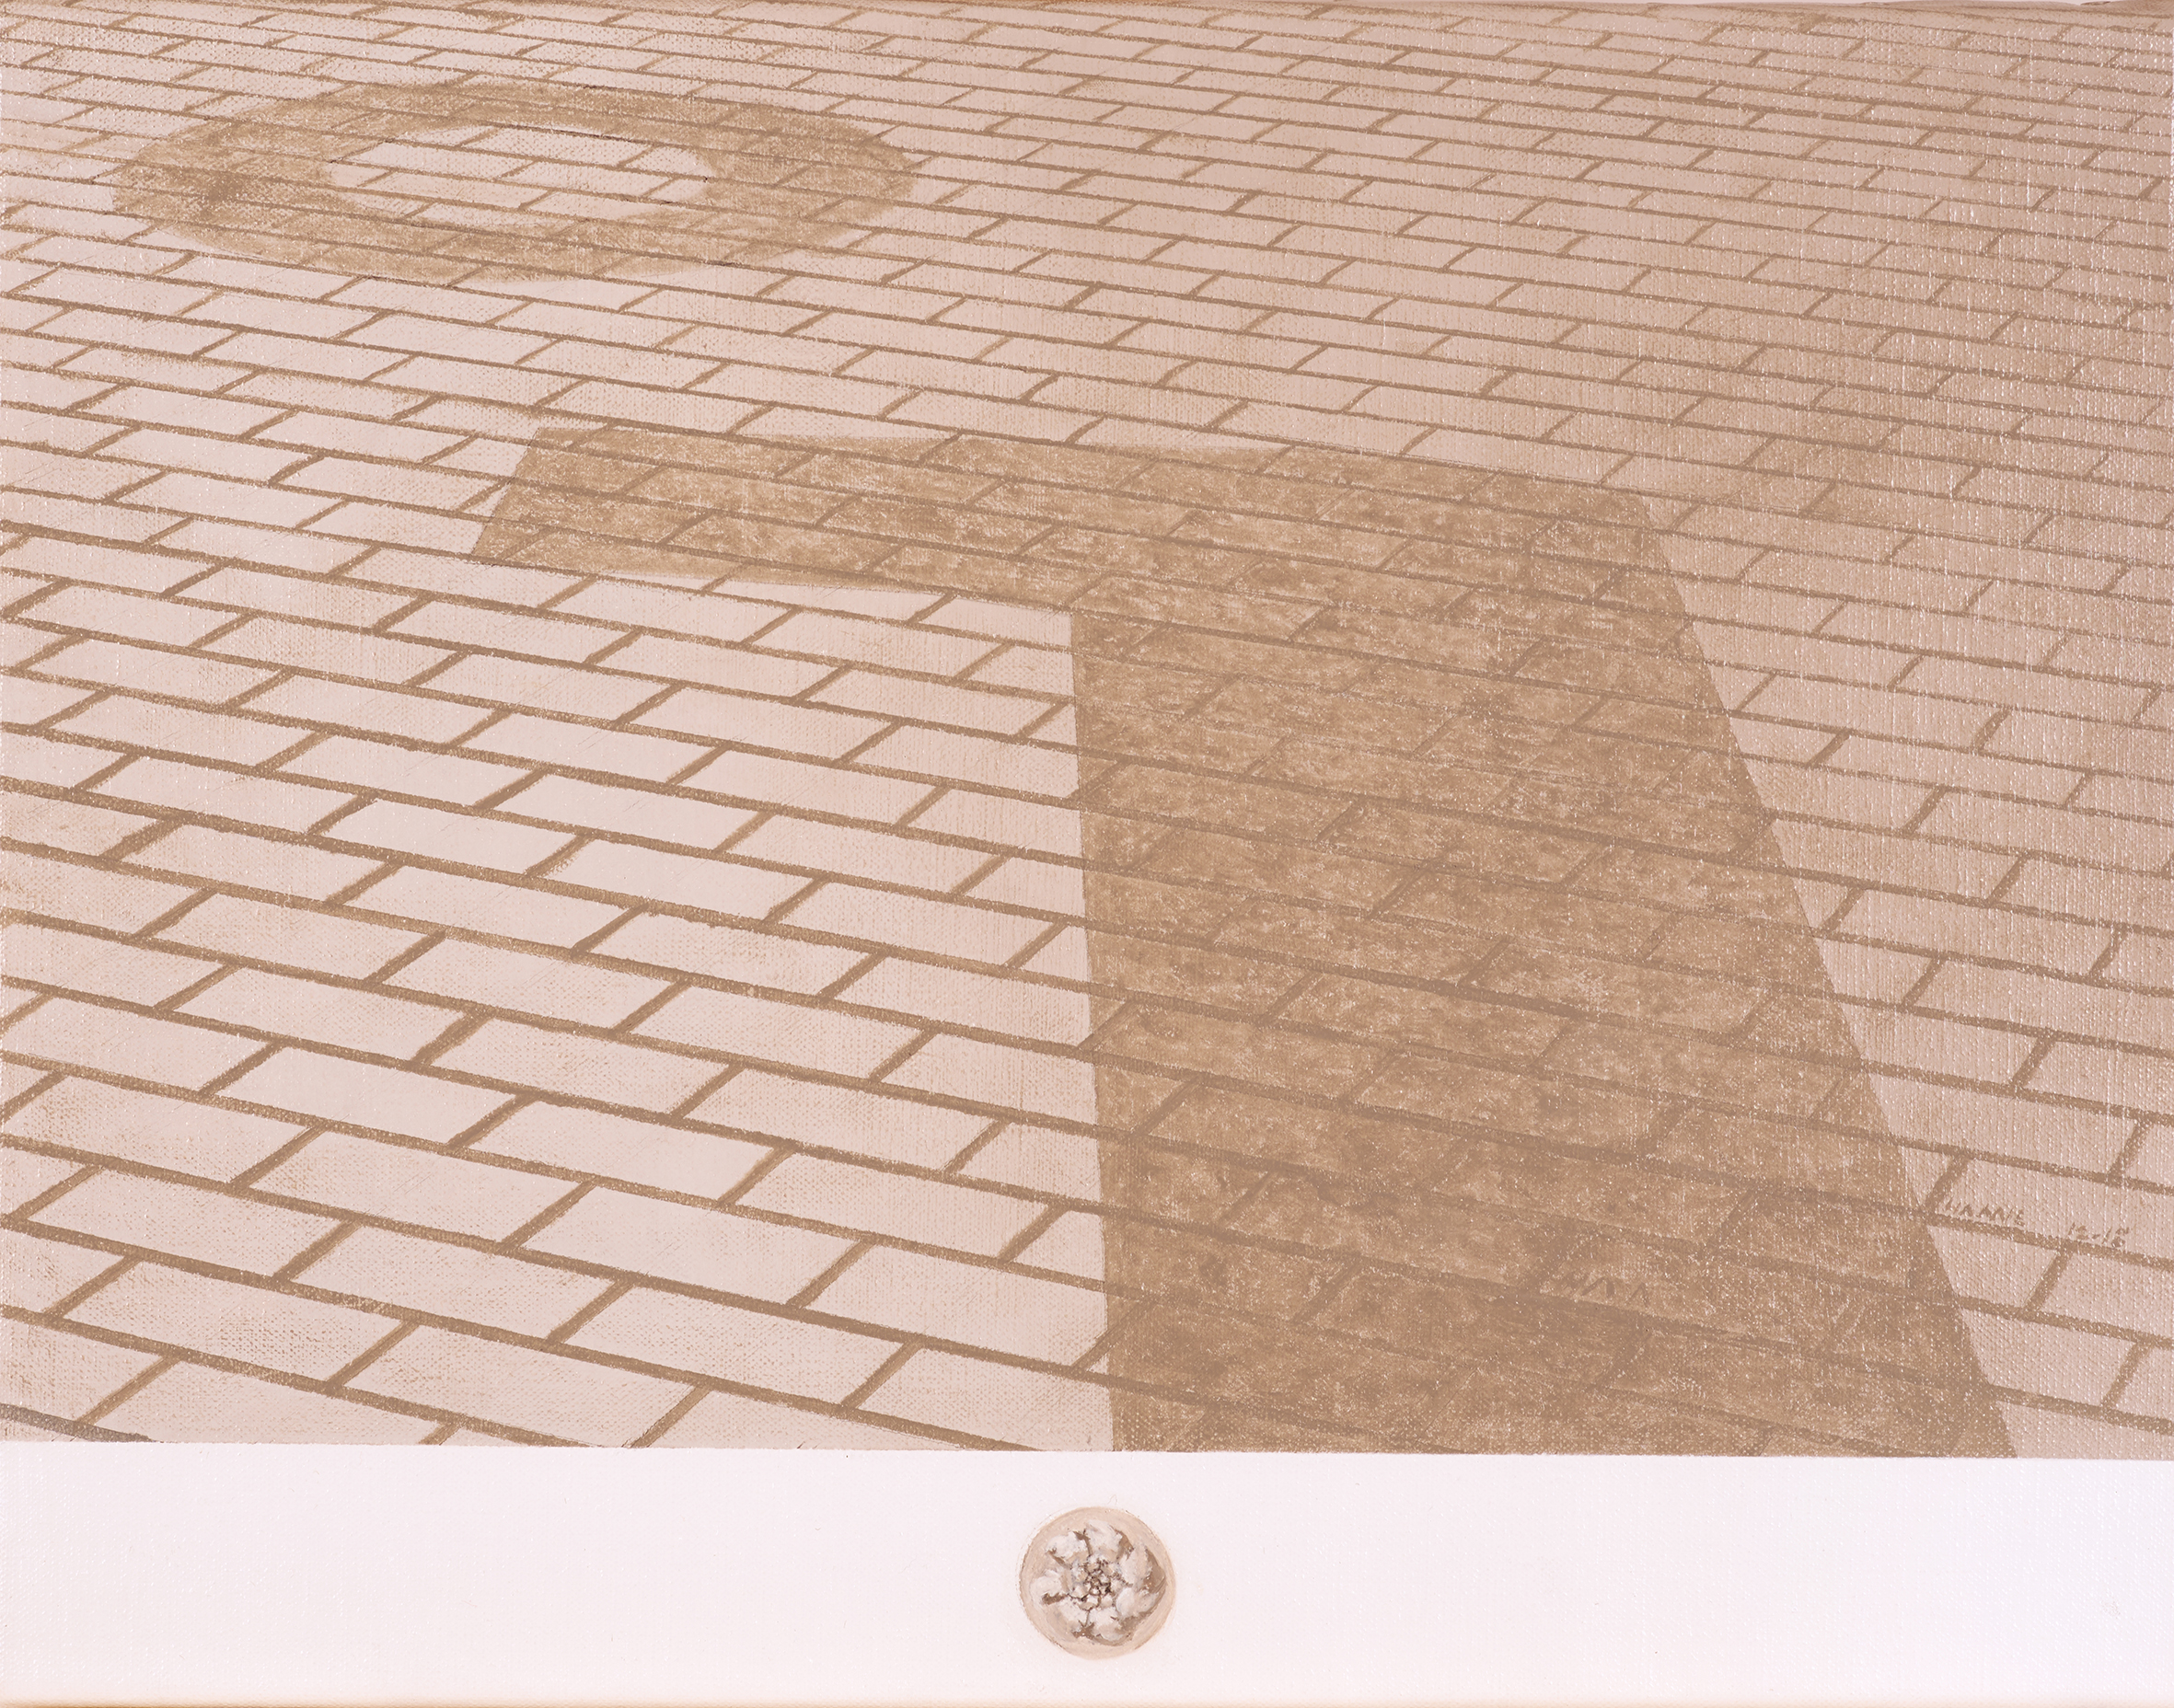 Strada con due tràccie degli resti romani, Barcellona, Spagna  2018 Olio su lino; 32.5 x 42 cm